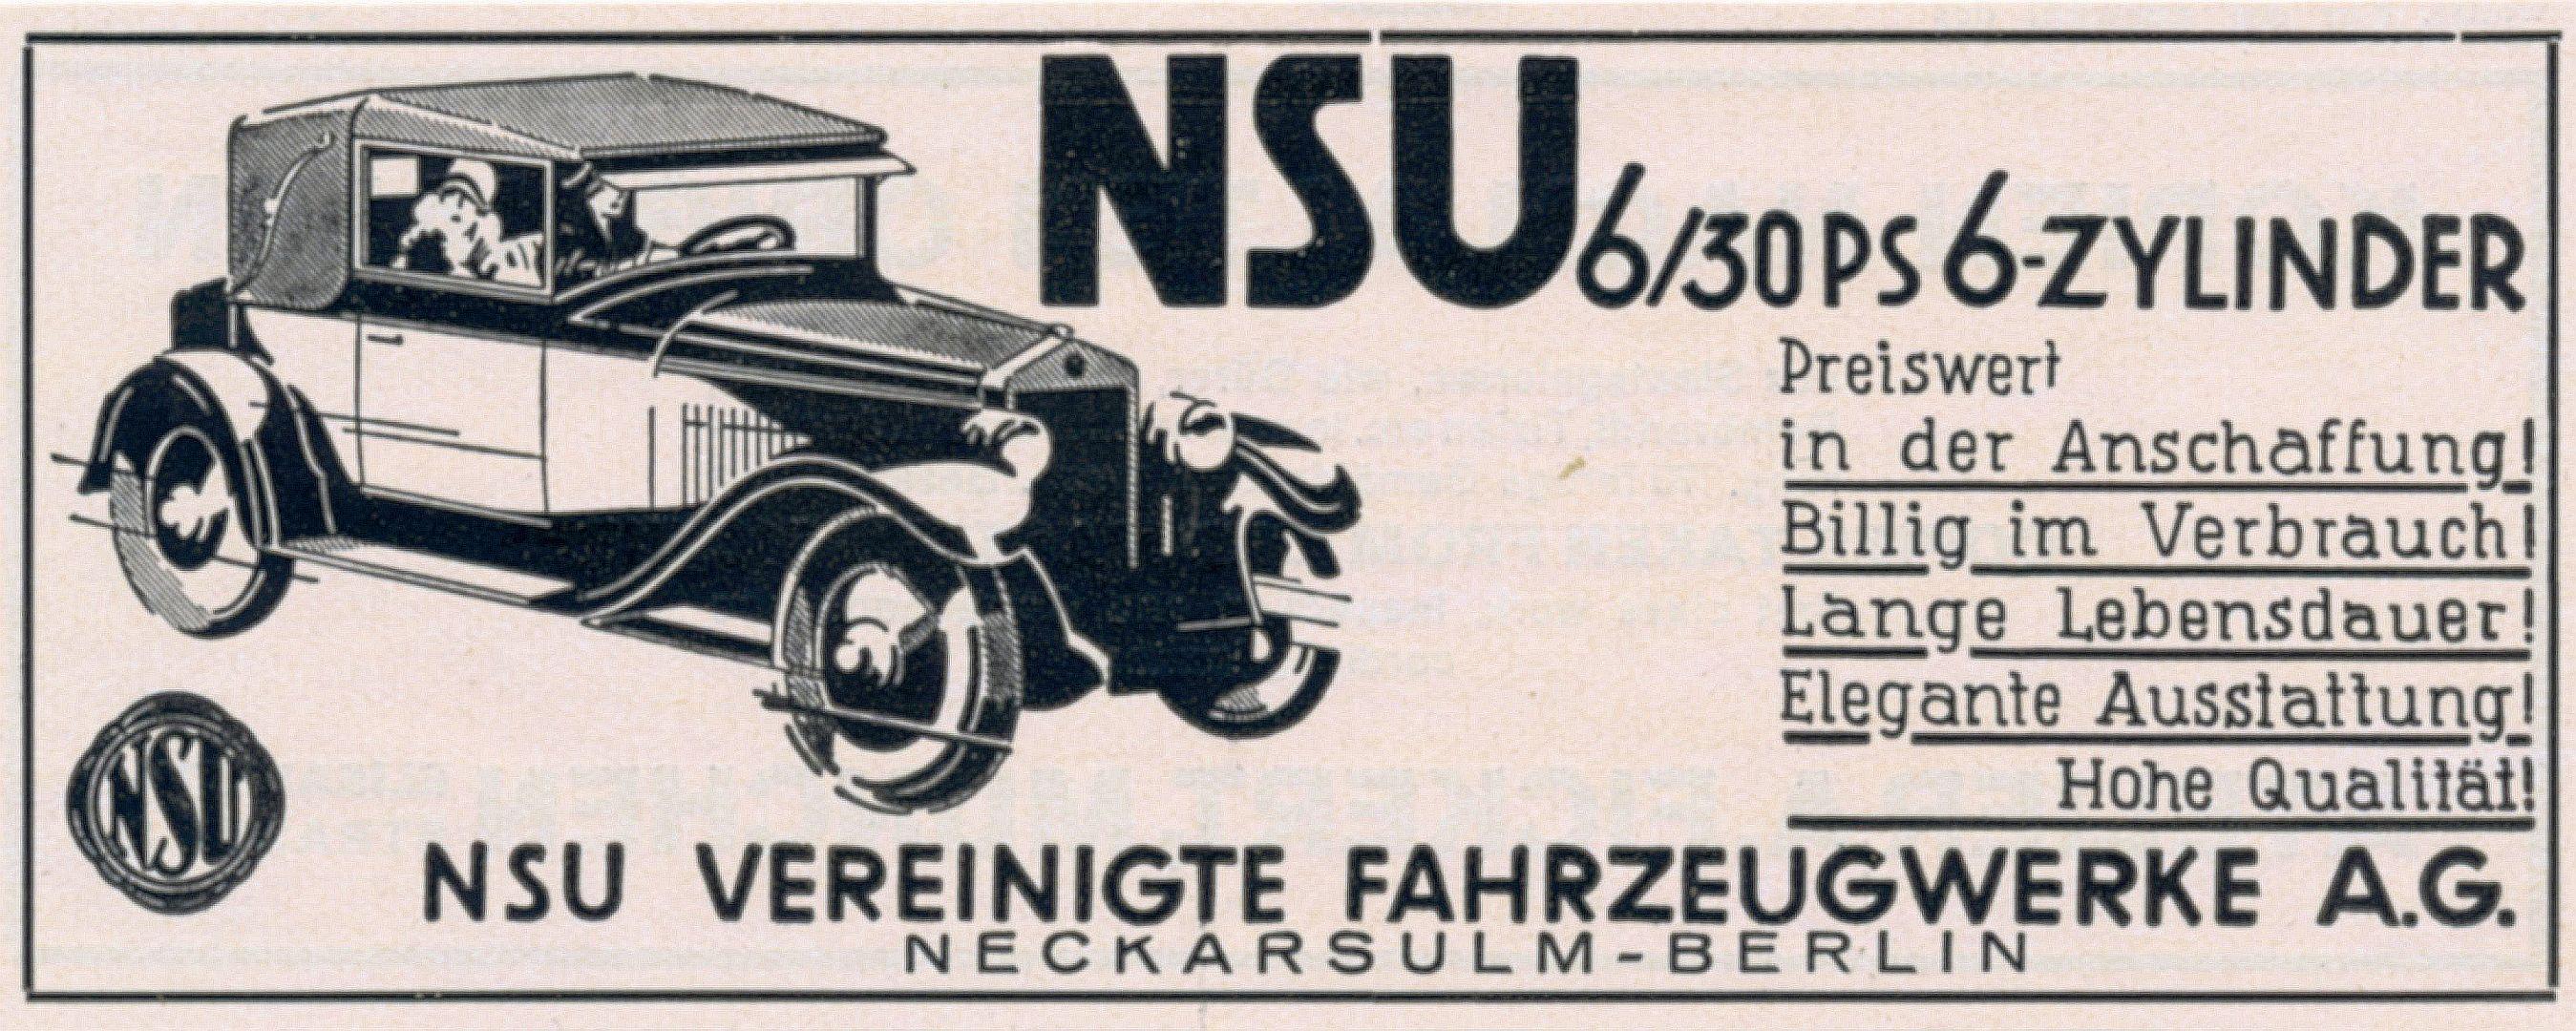 nsu-reklame_6-30_ps_1_galerie